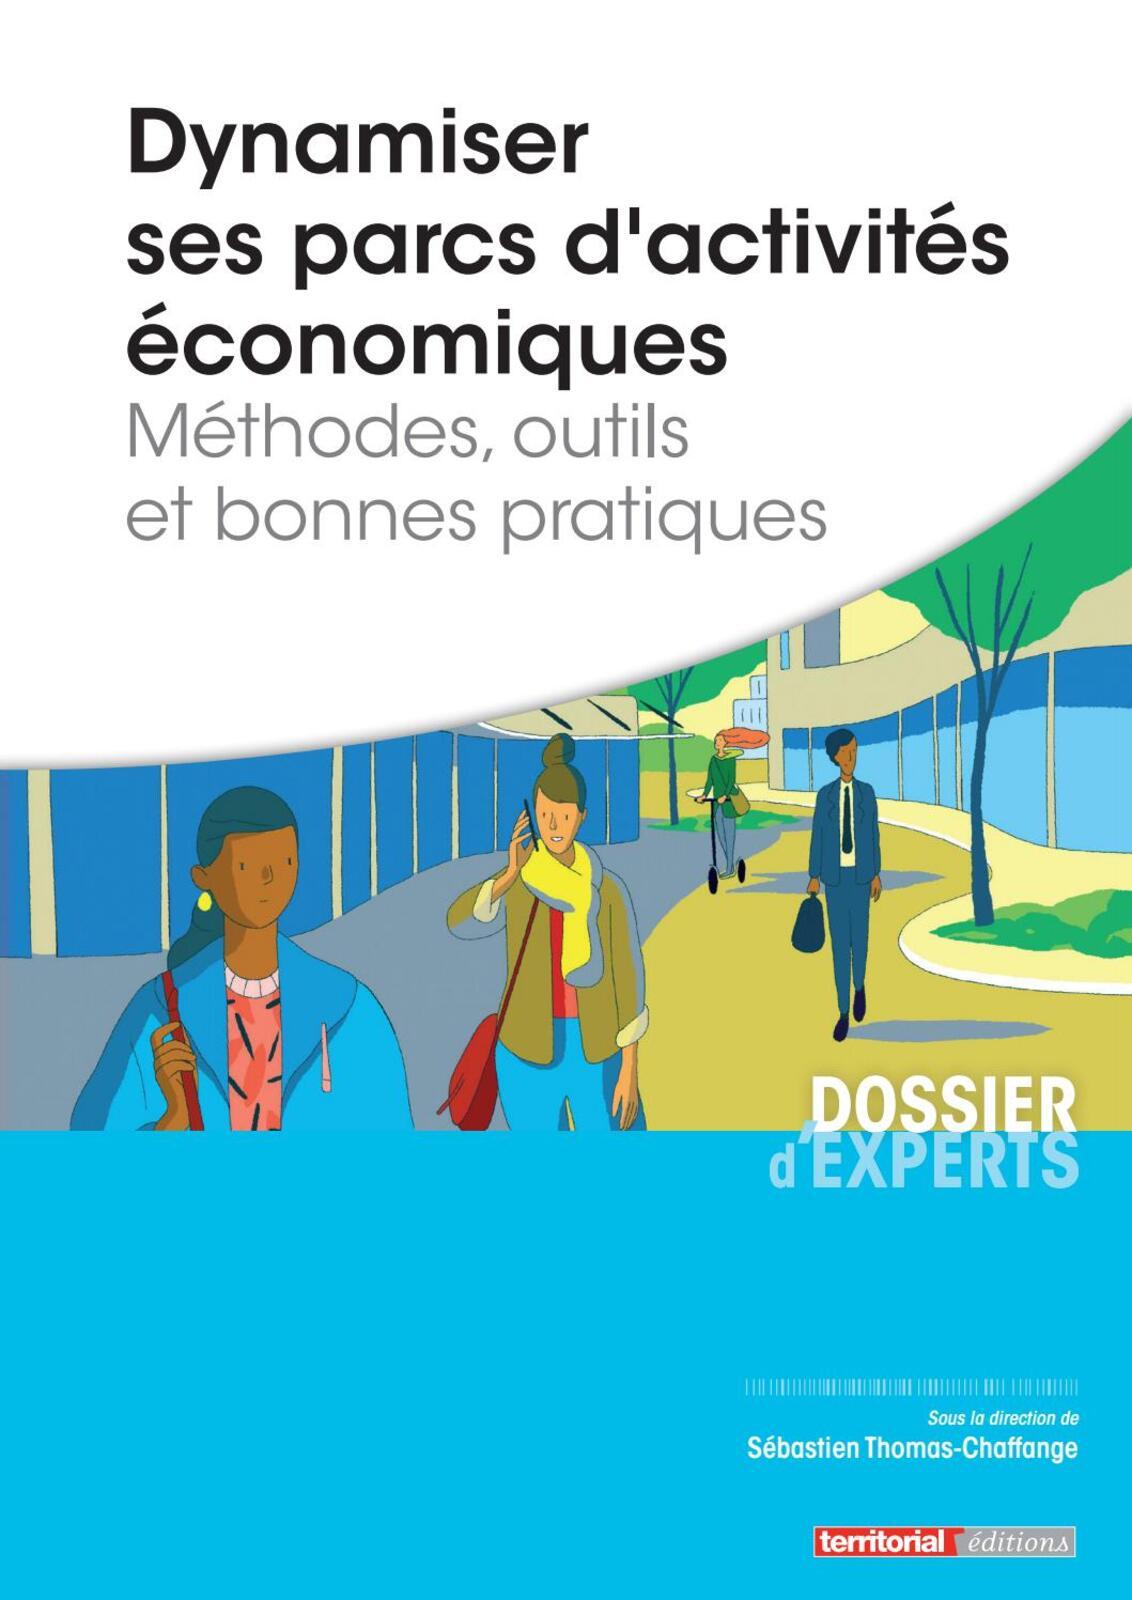 Déployer une démarche d'écologie industrielle et territoriale sur un parc d'activités économiques